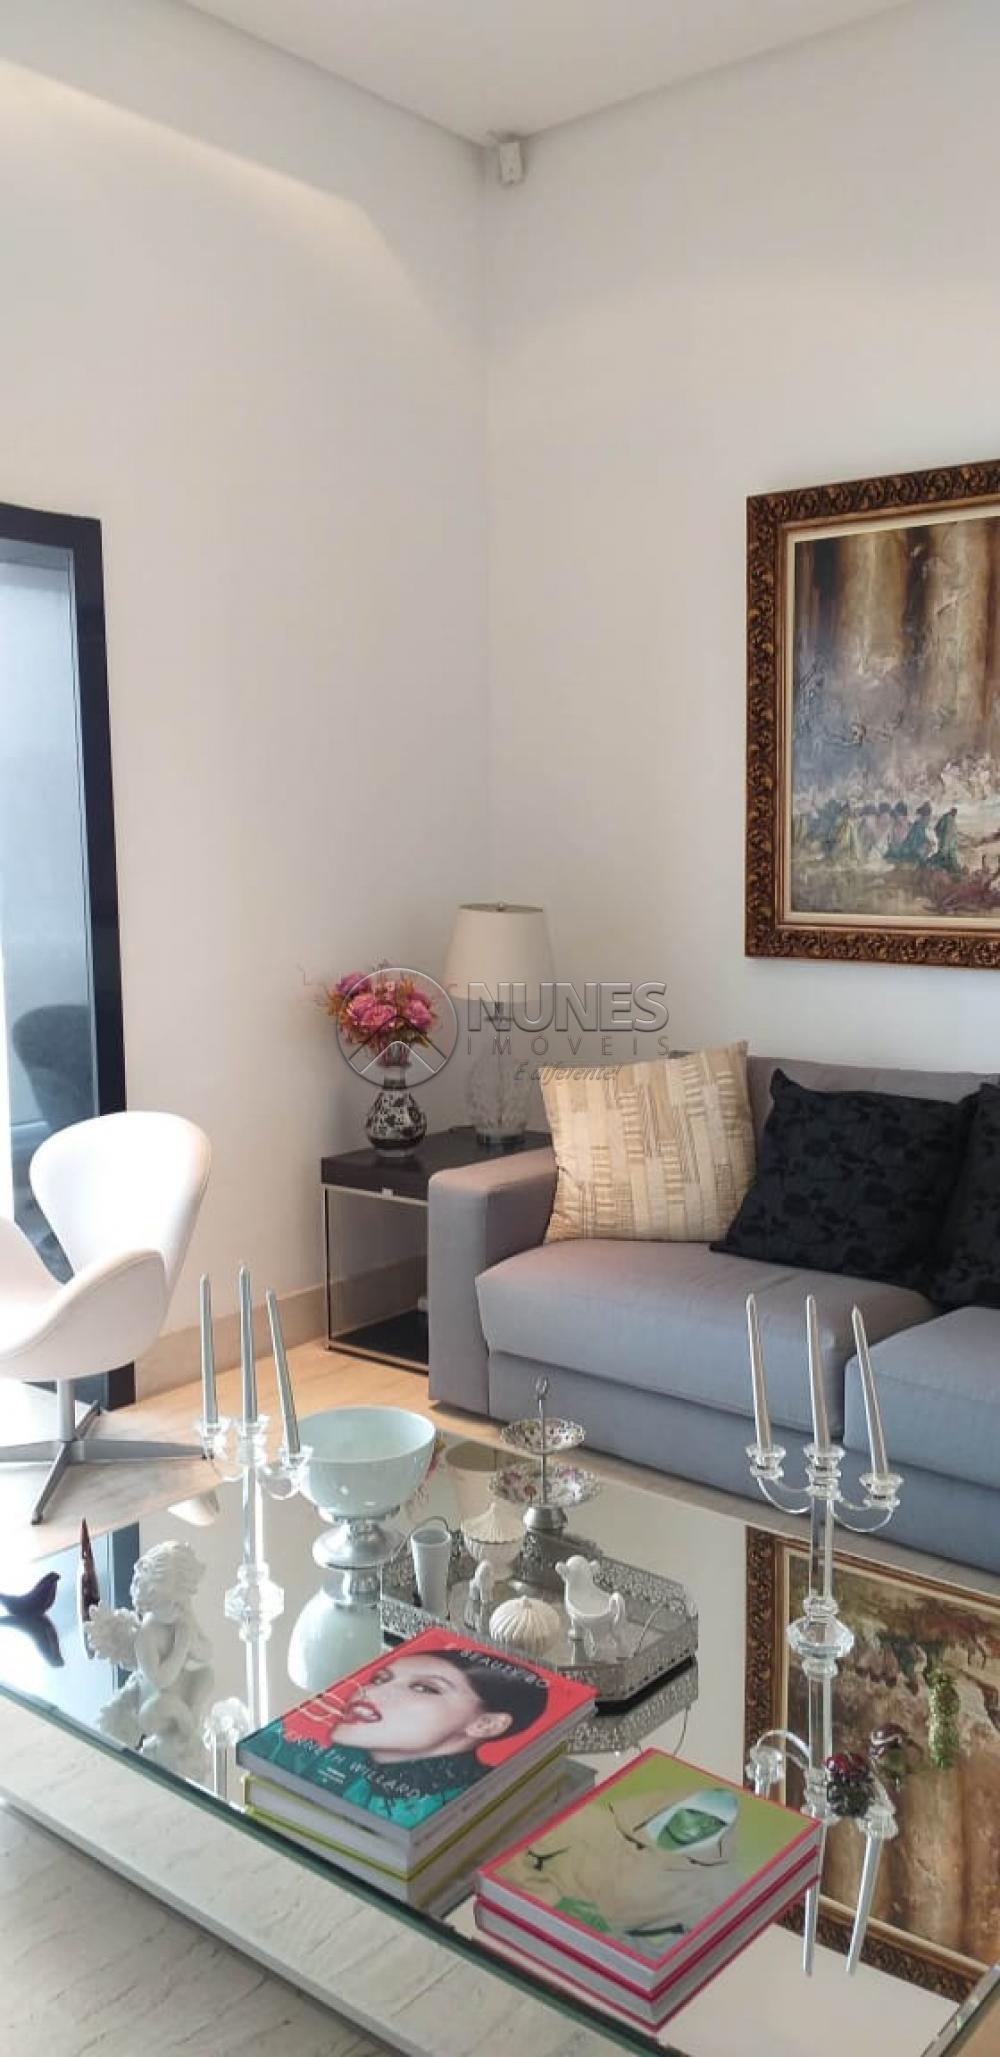 Comprar Apartamento / Padrão em São Paulo apenas R$ 1.915.000,00 - Foto 10